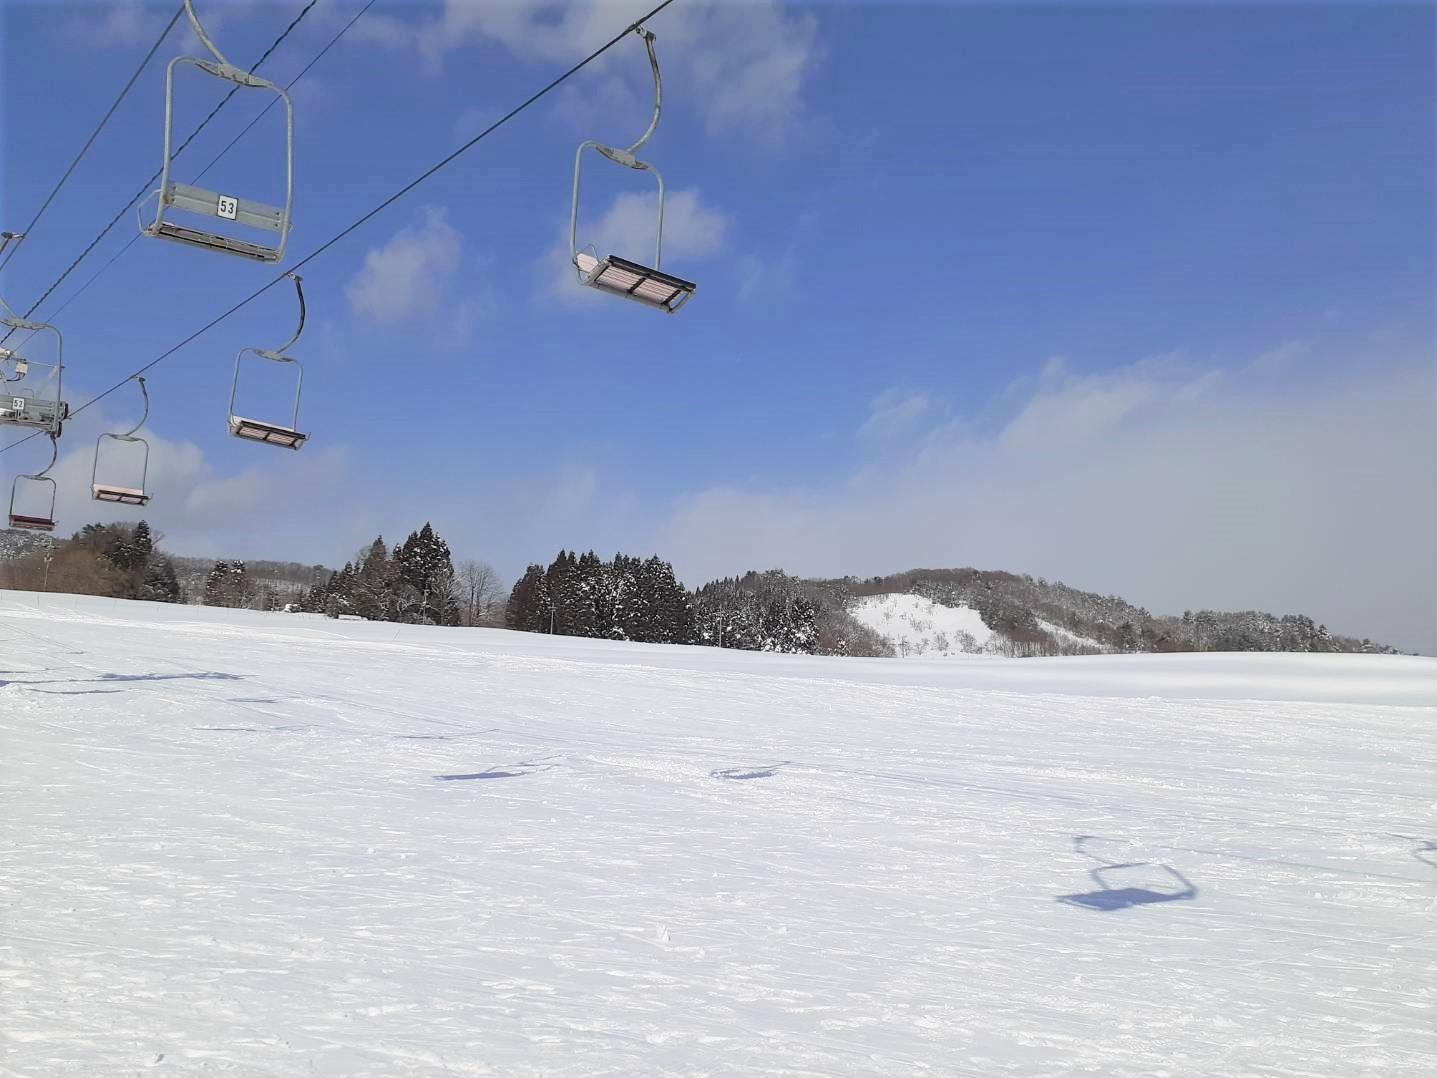 【子どもと雪あそび】スノーボードに行く持ち物は?あったら便利なアイテムを紹介|子育ては面白く